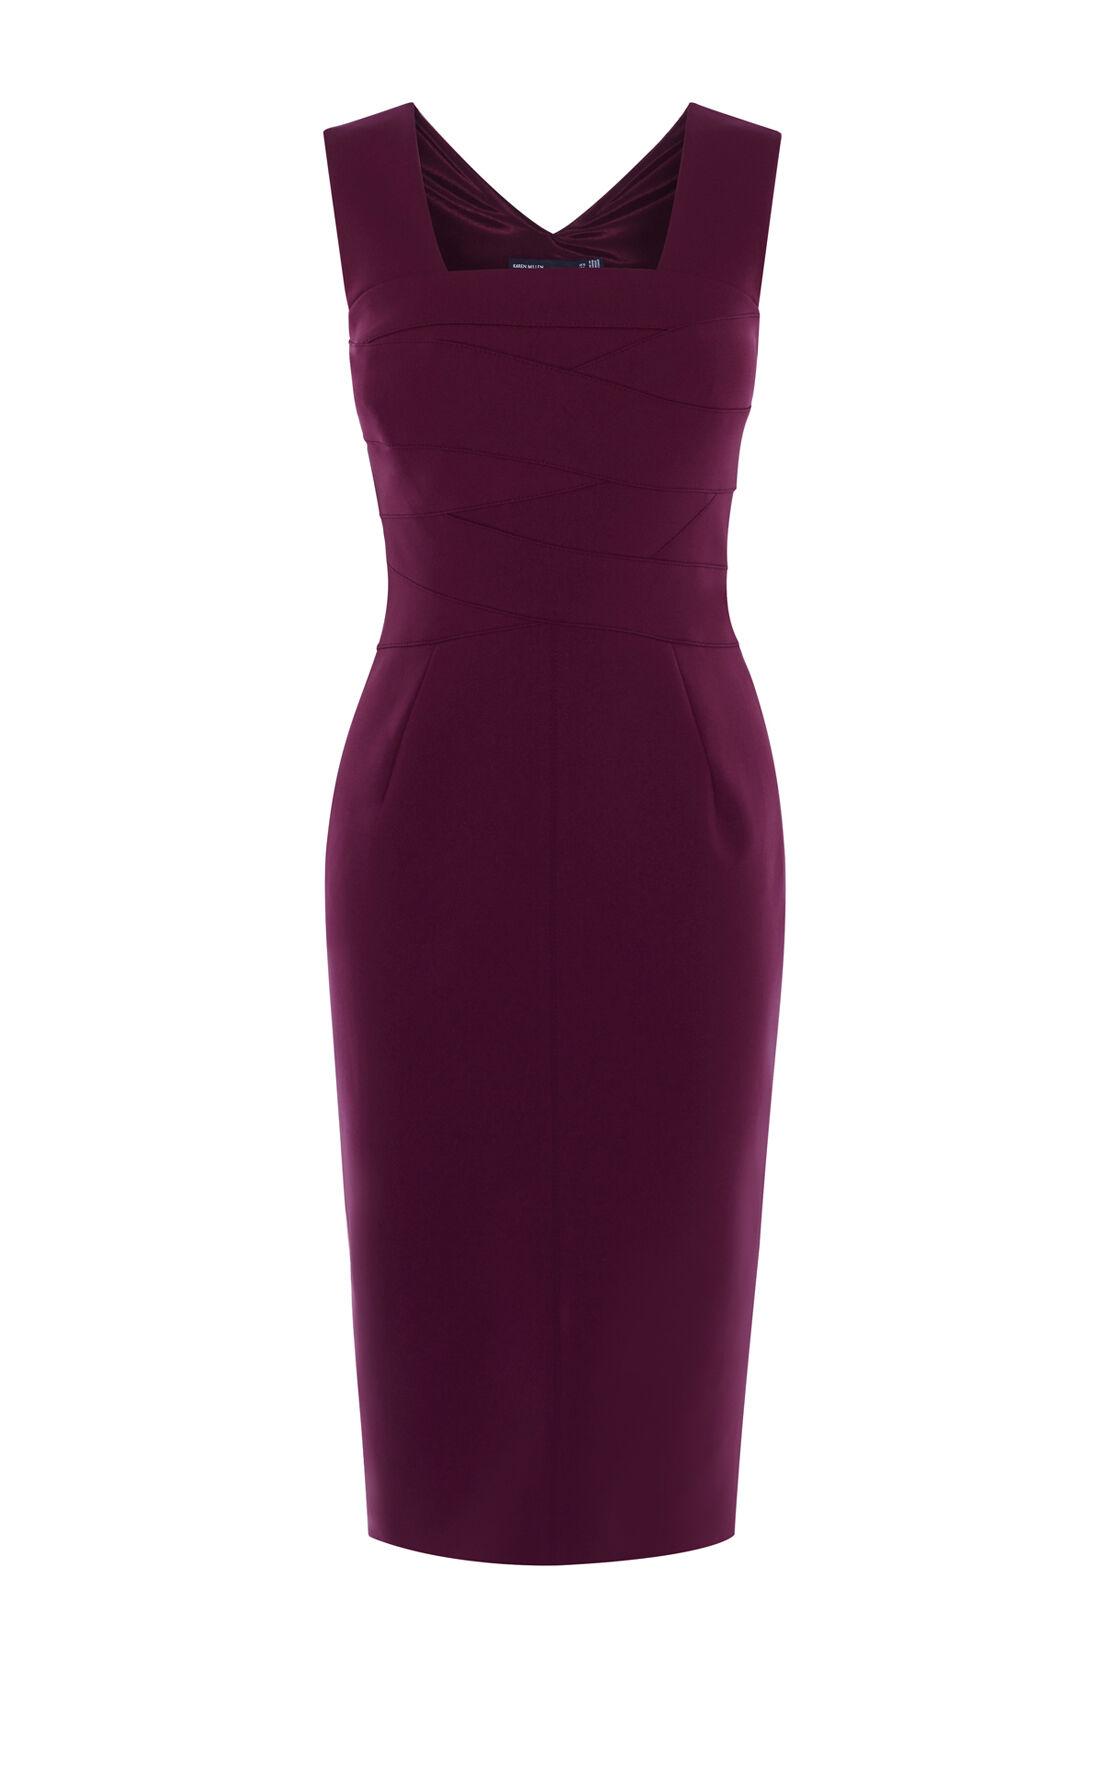 Karen Millen, SQUARE NECKLINE PENCIL DRESS Aubergine 0